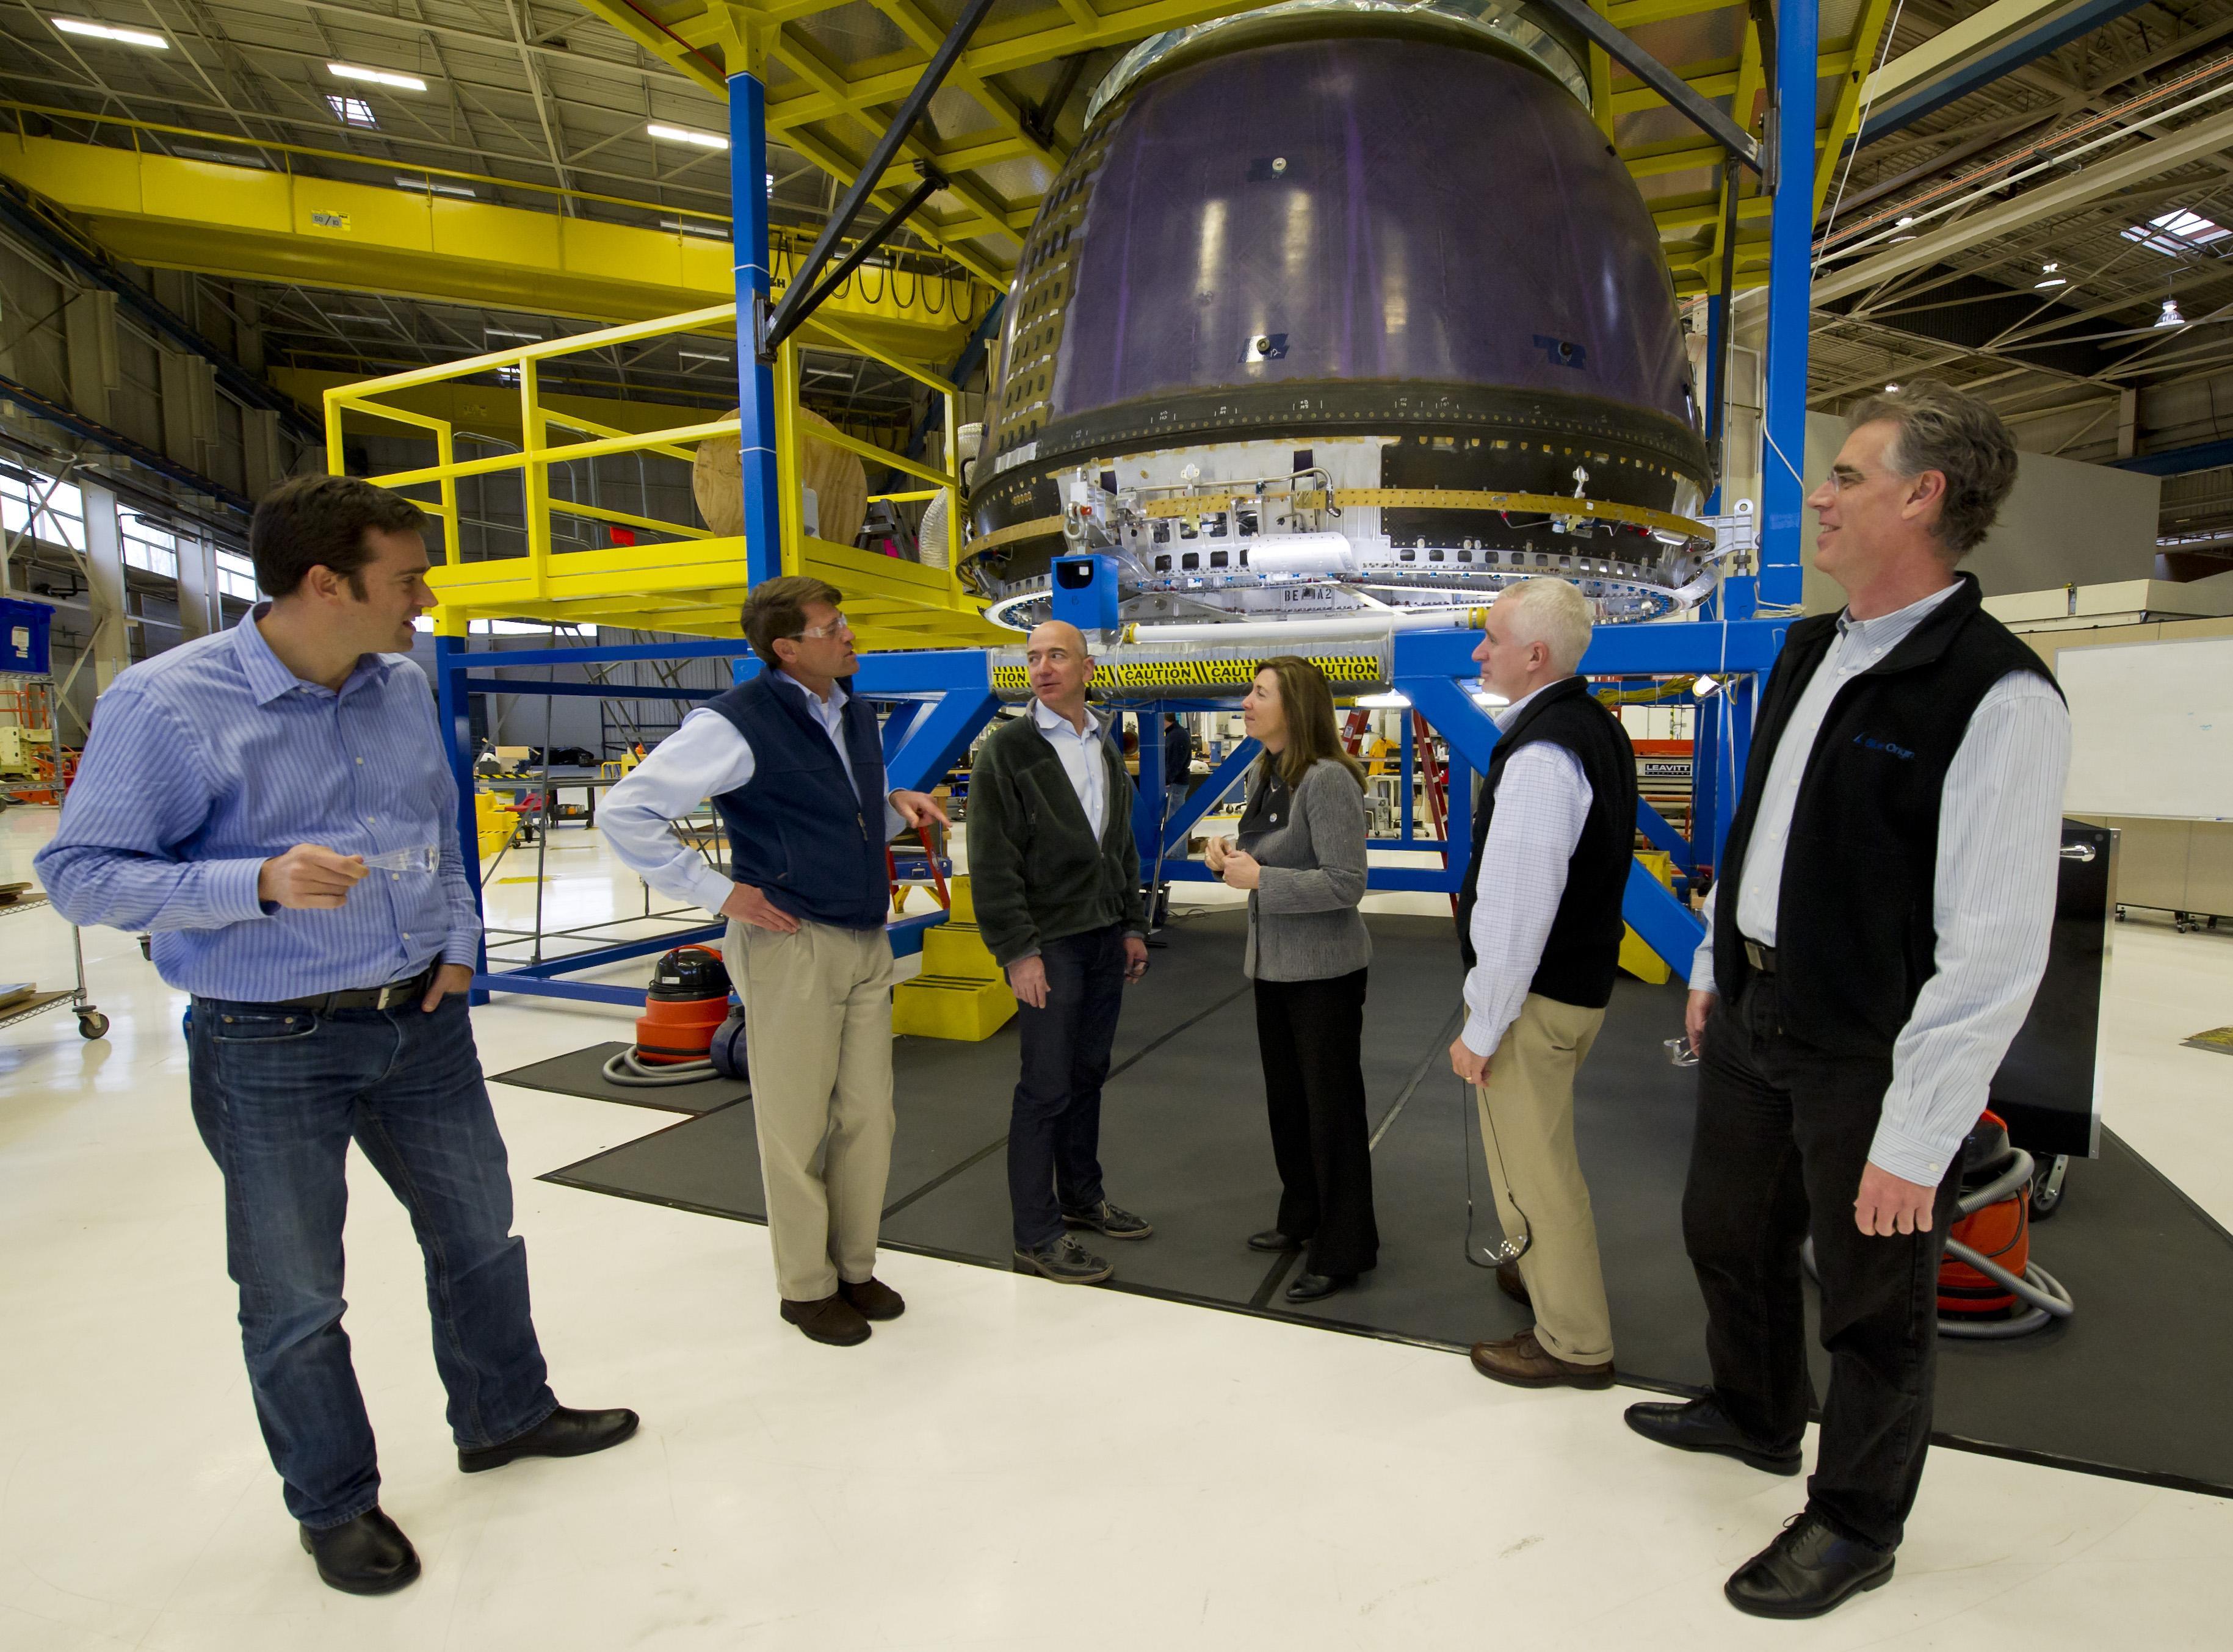 Manajemen NASA melakukan tour terkait dengan Blue Origin.